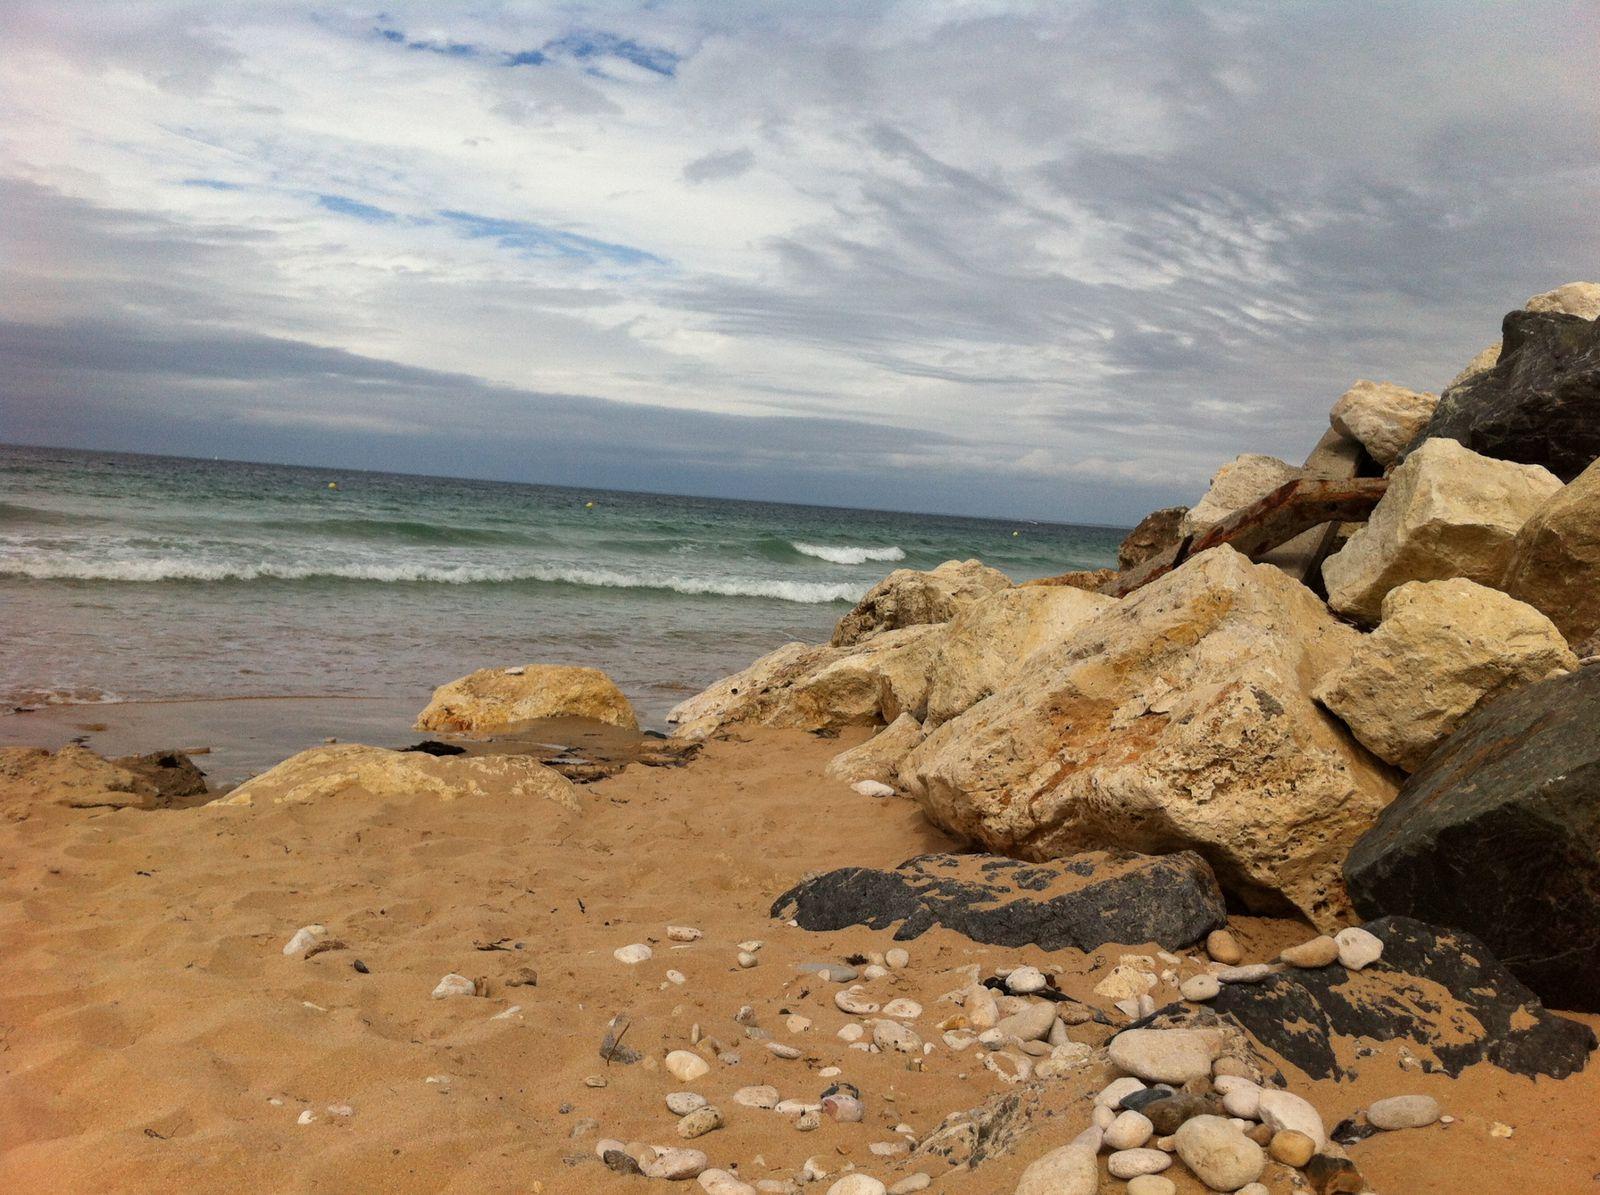 Une fois la mer haute, il faut repartir à la nage pour sortir de la plage... les criques c'est bien mais pas pratique :)